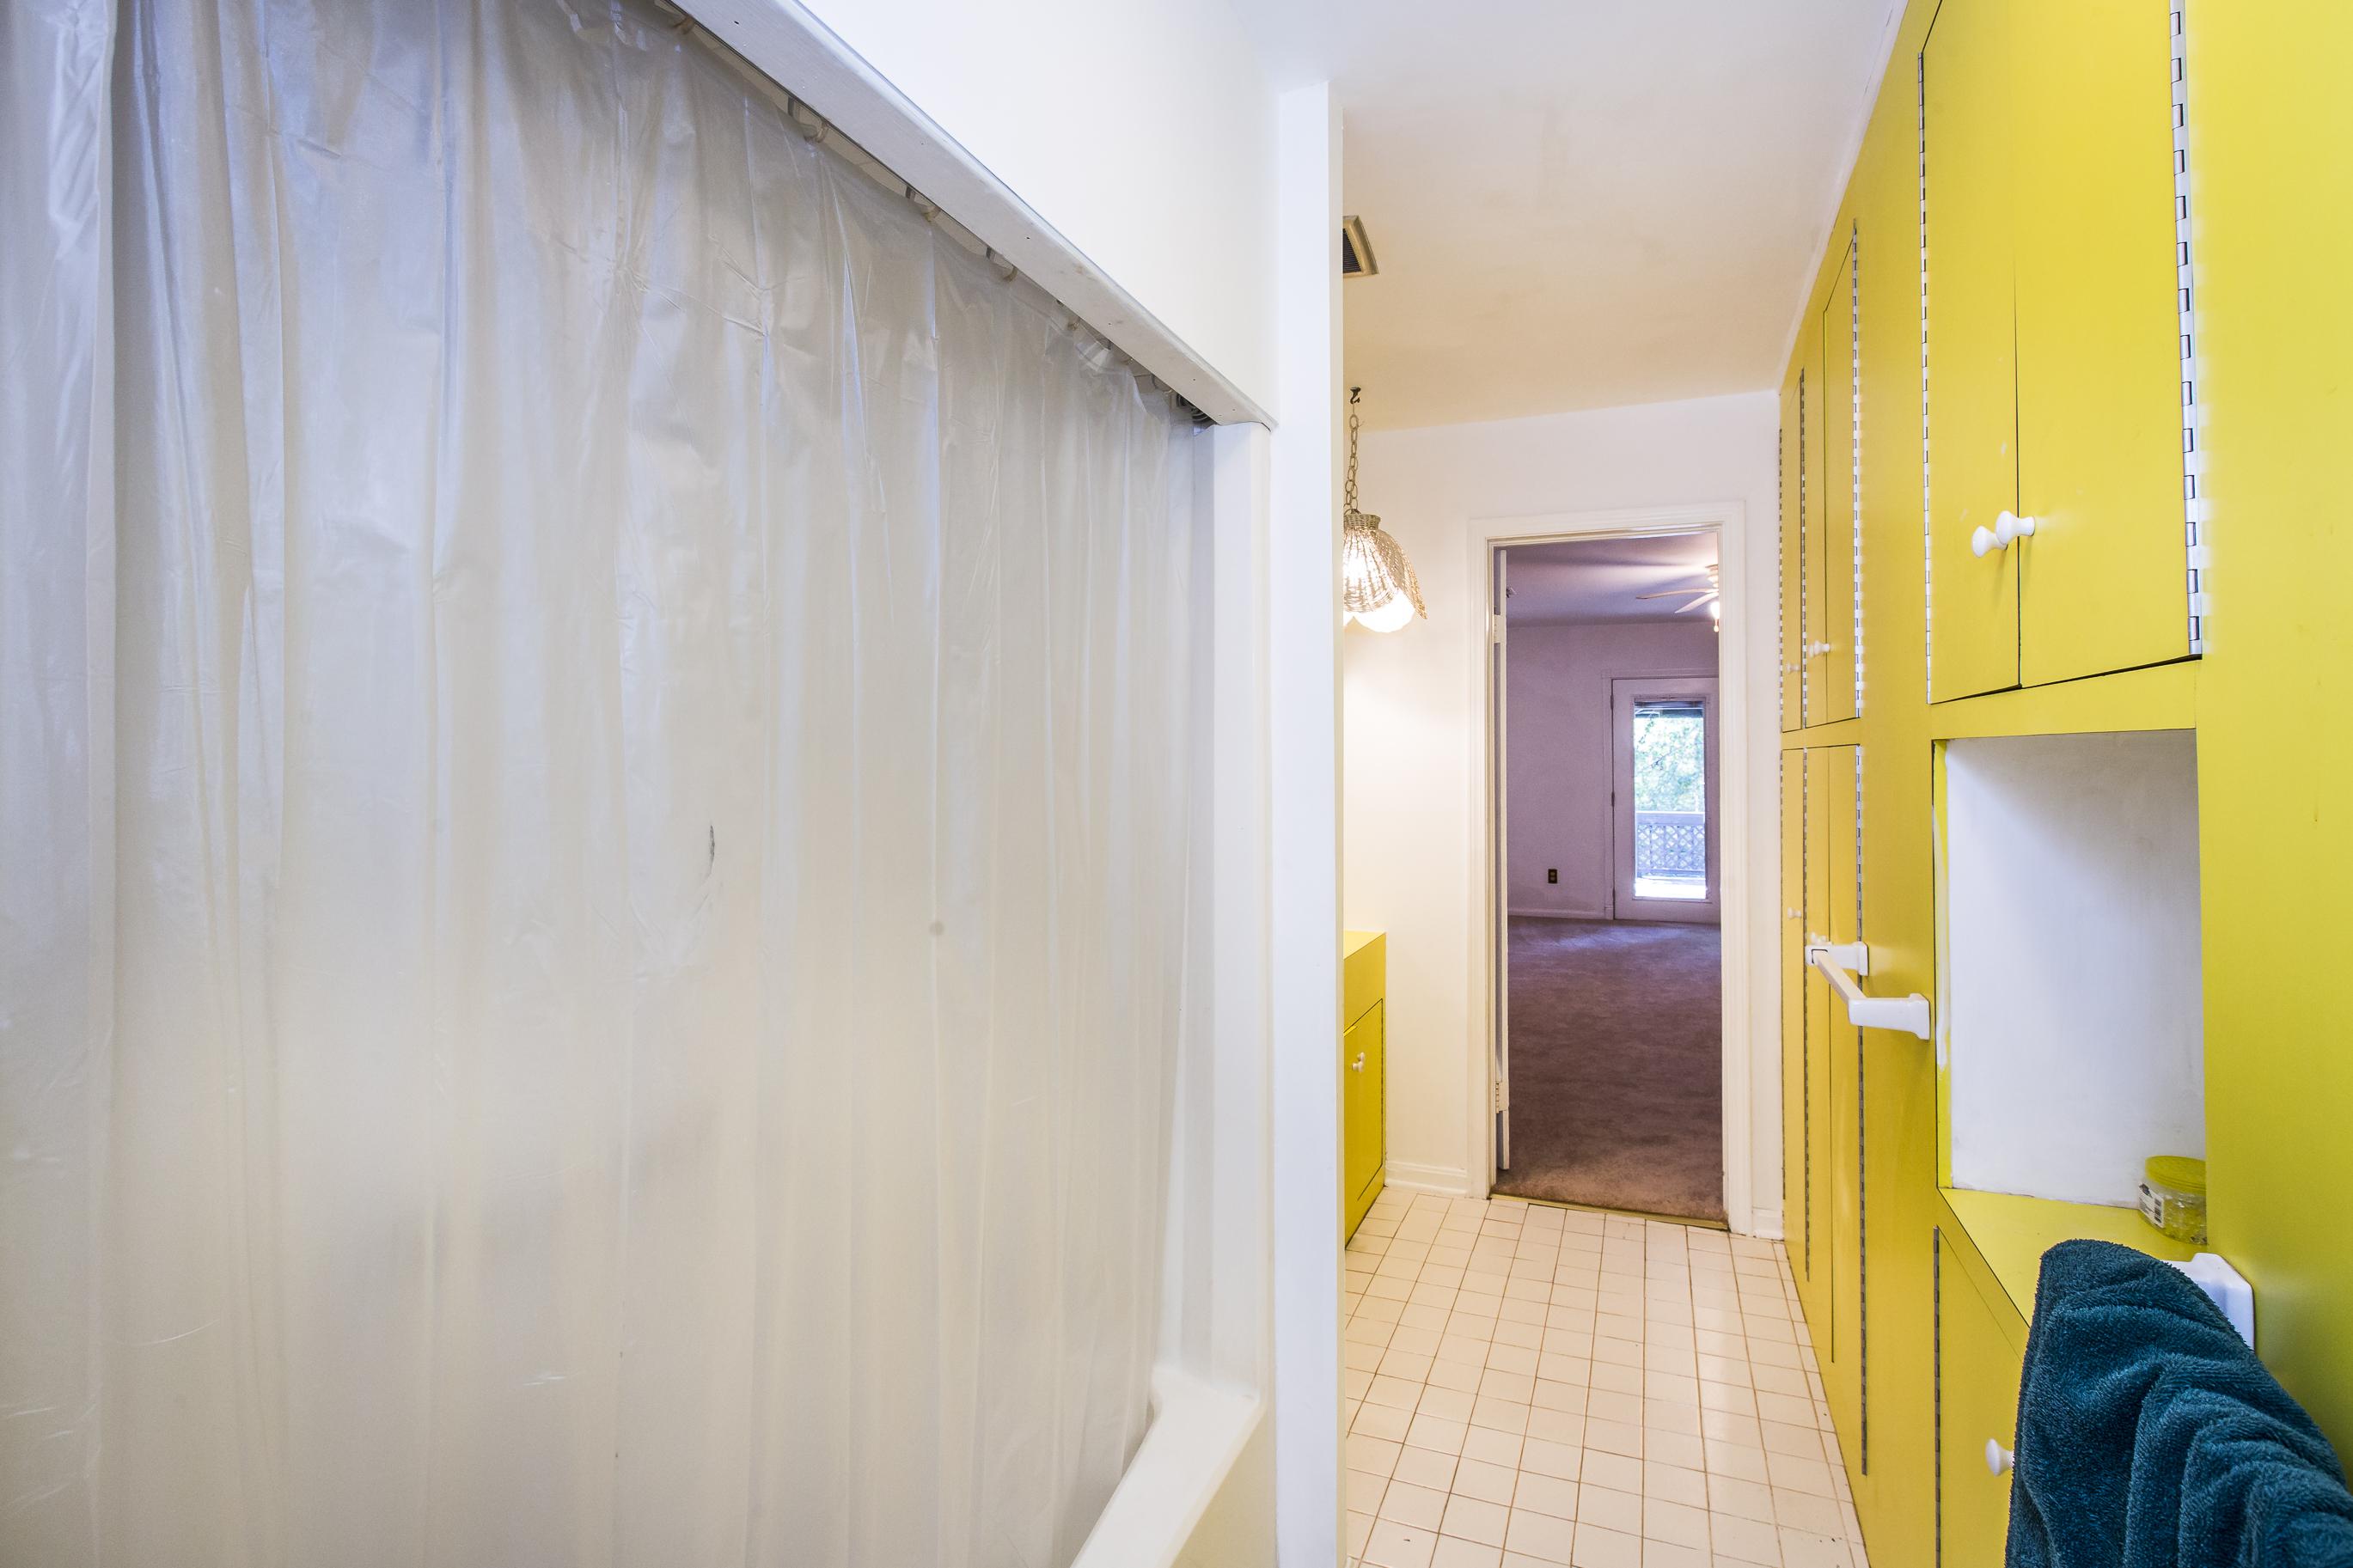 051_Jack & Jill Bathroom